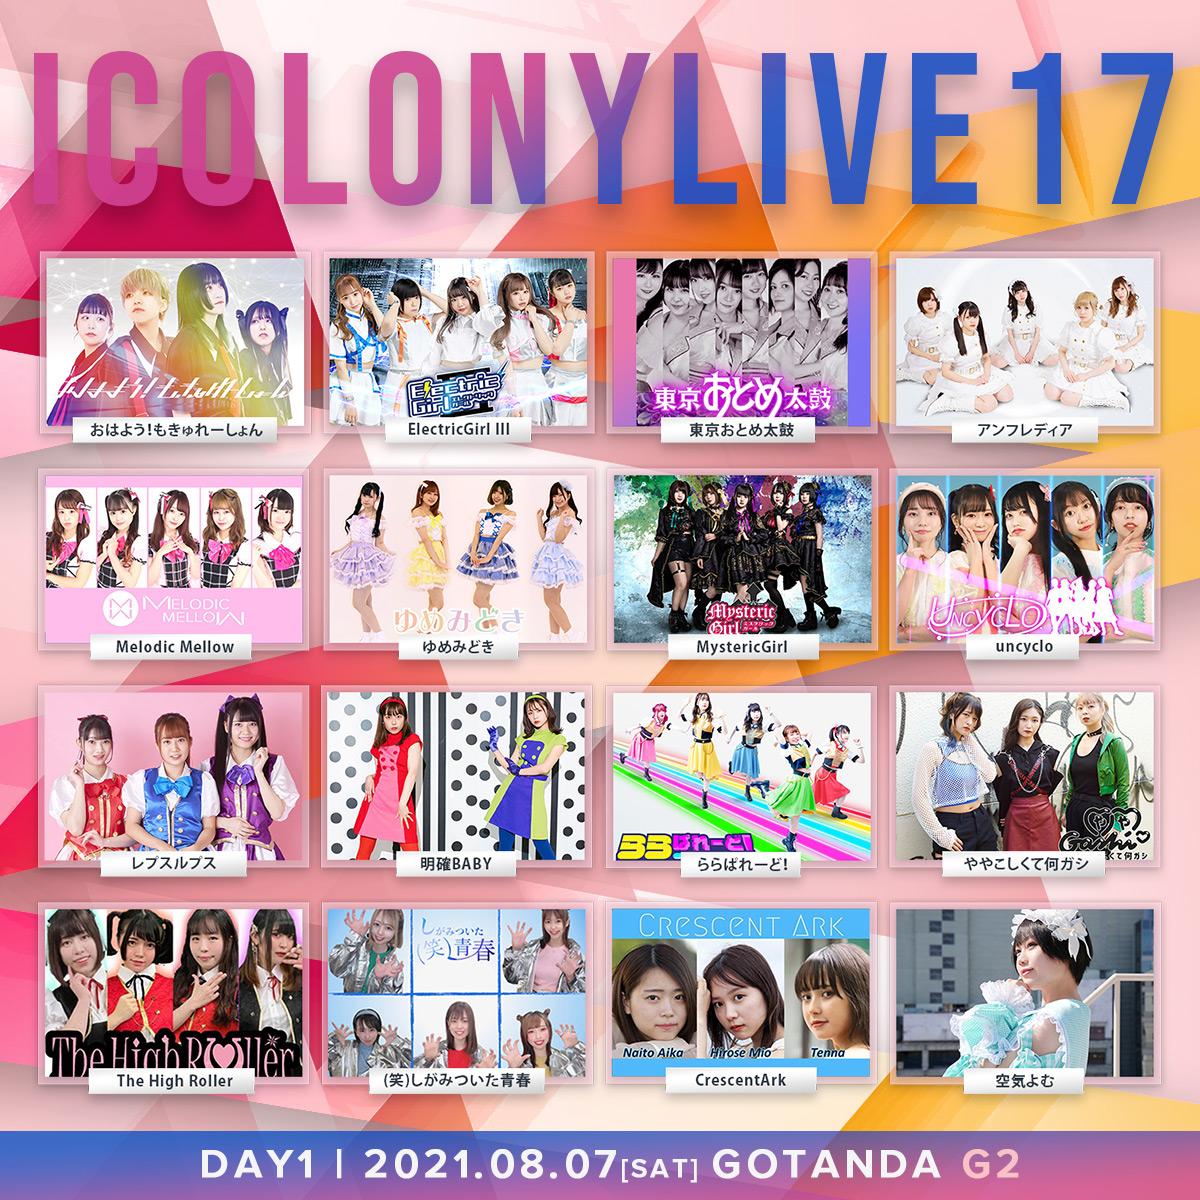 iColony LIVE 17 // DAY1